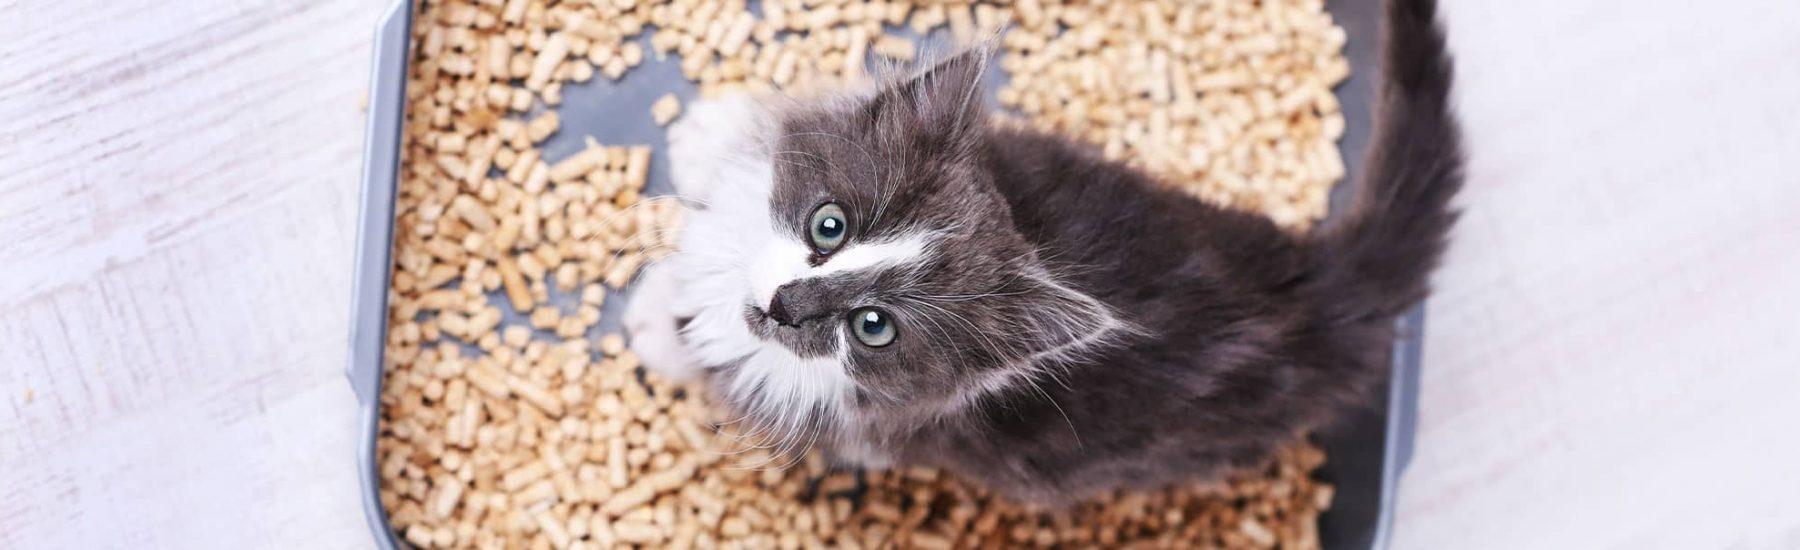 Kitten in litter